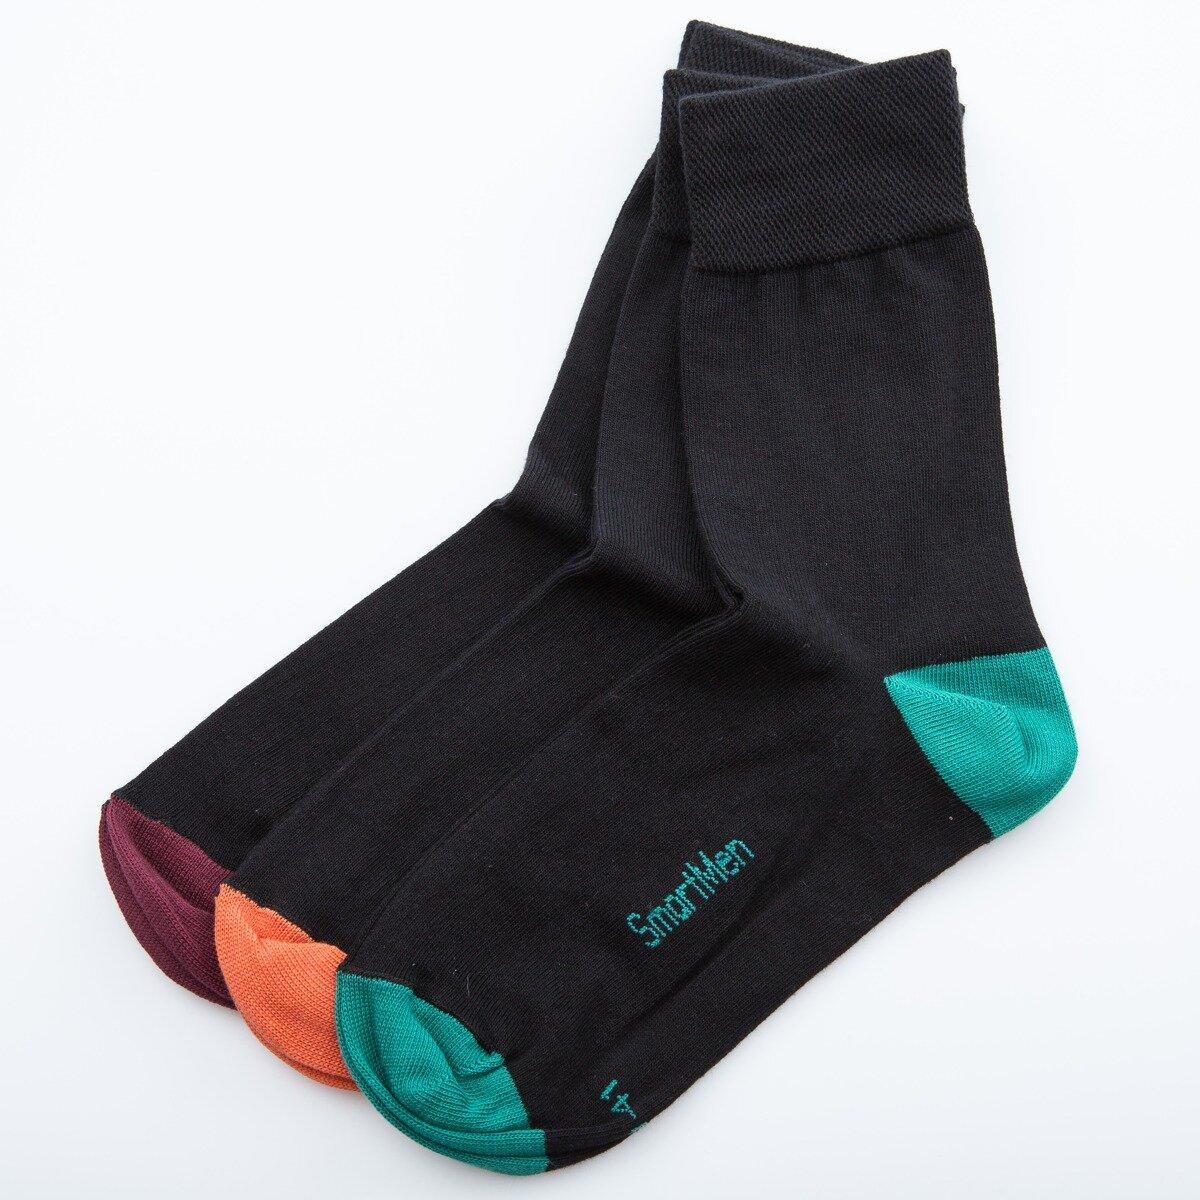 Ponožky pánské černé s barevnou špičkou a patou 1 pár. Velikost 39-41.  Neprodejný dárek k nákupu. 1d9b54e4e0